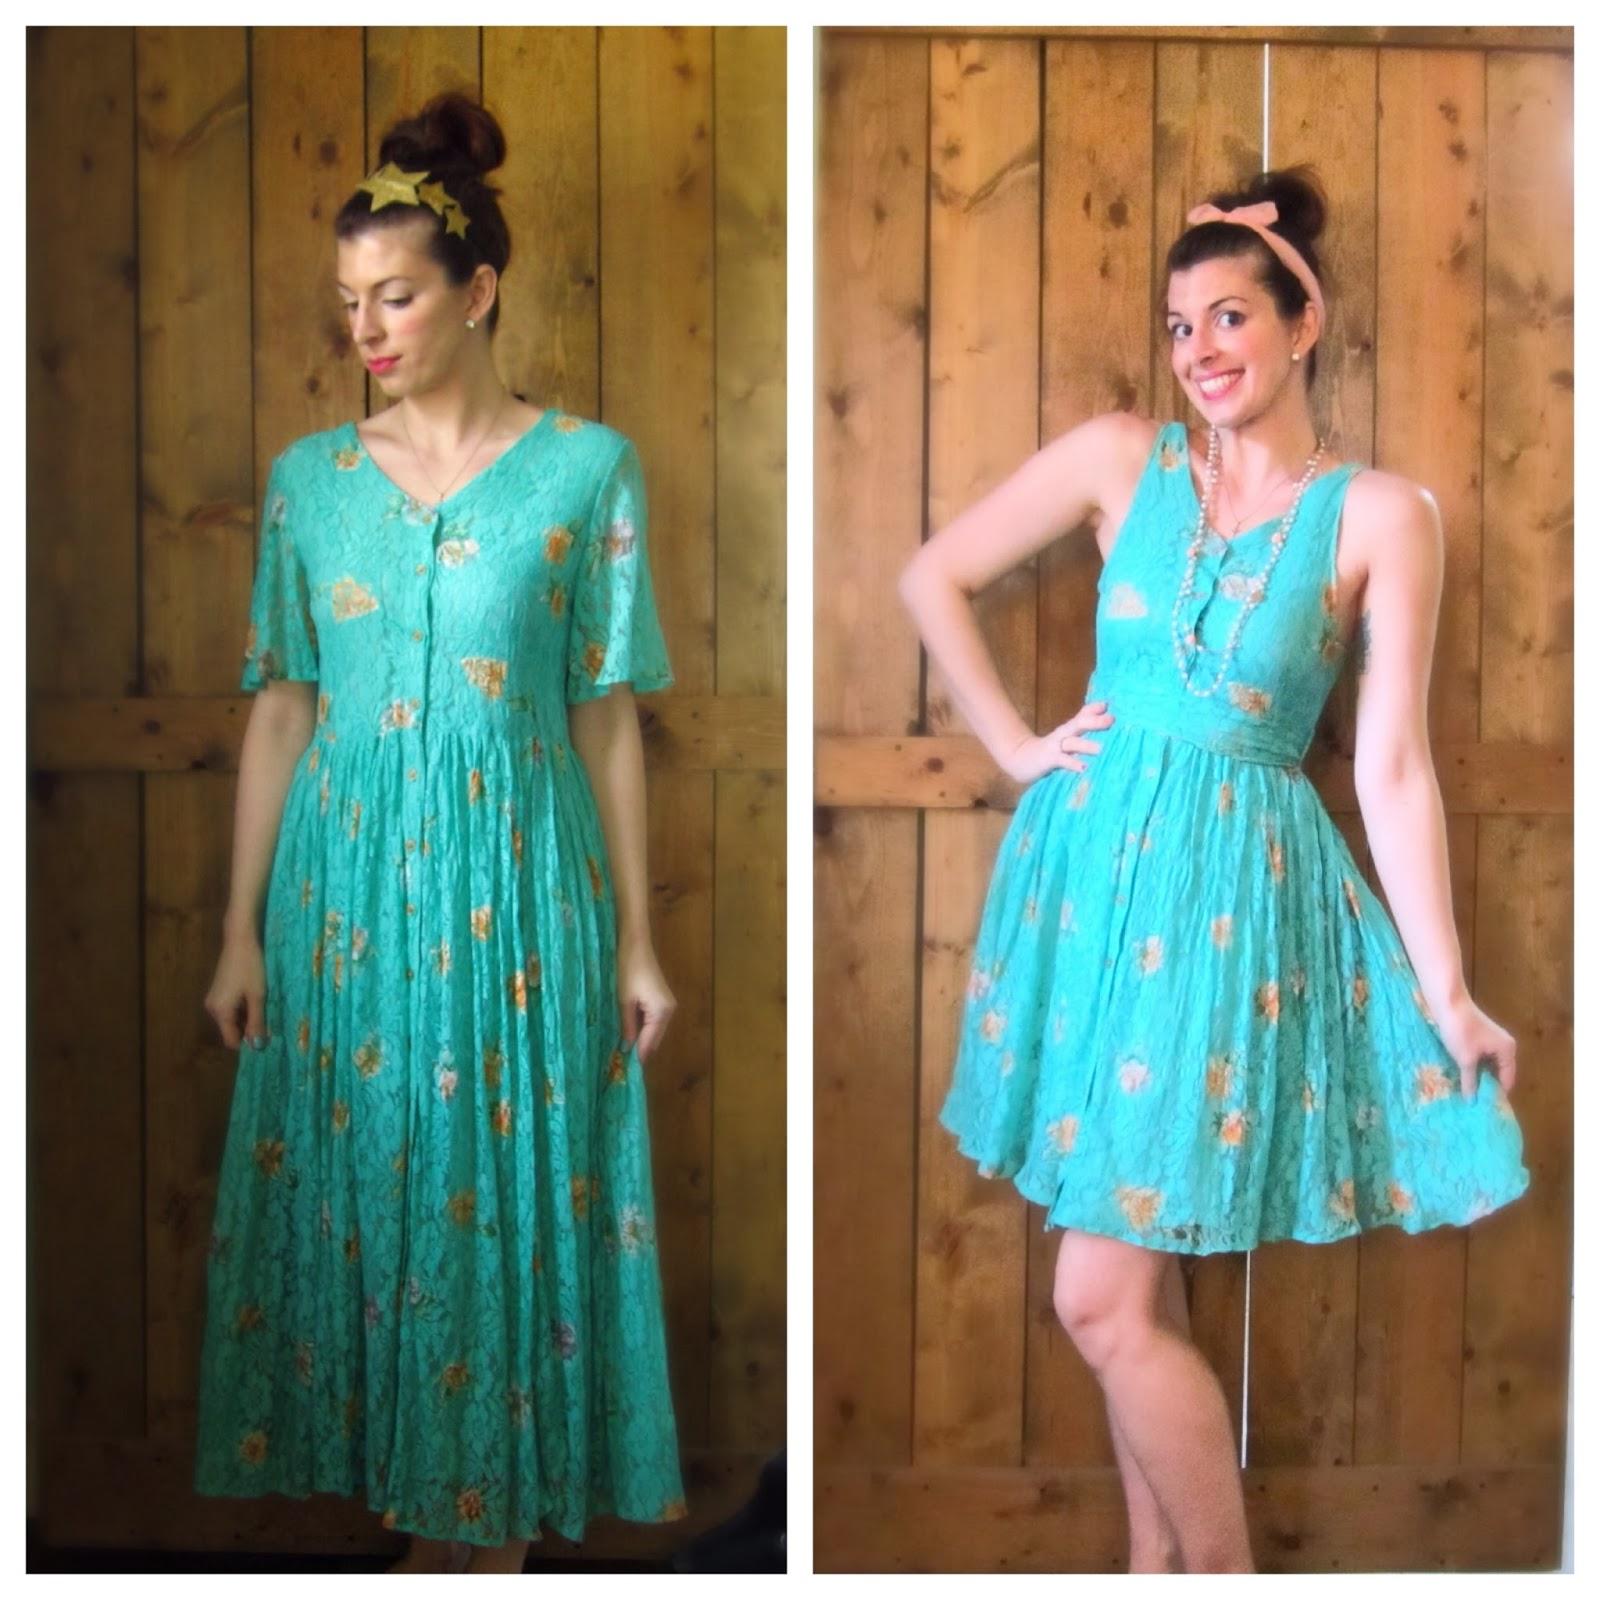 refashion a vintage dress